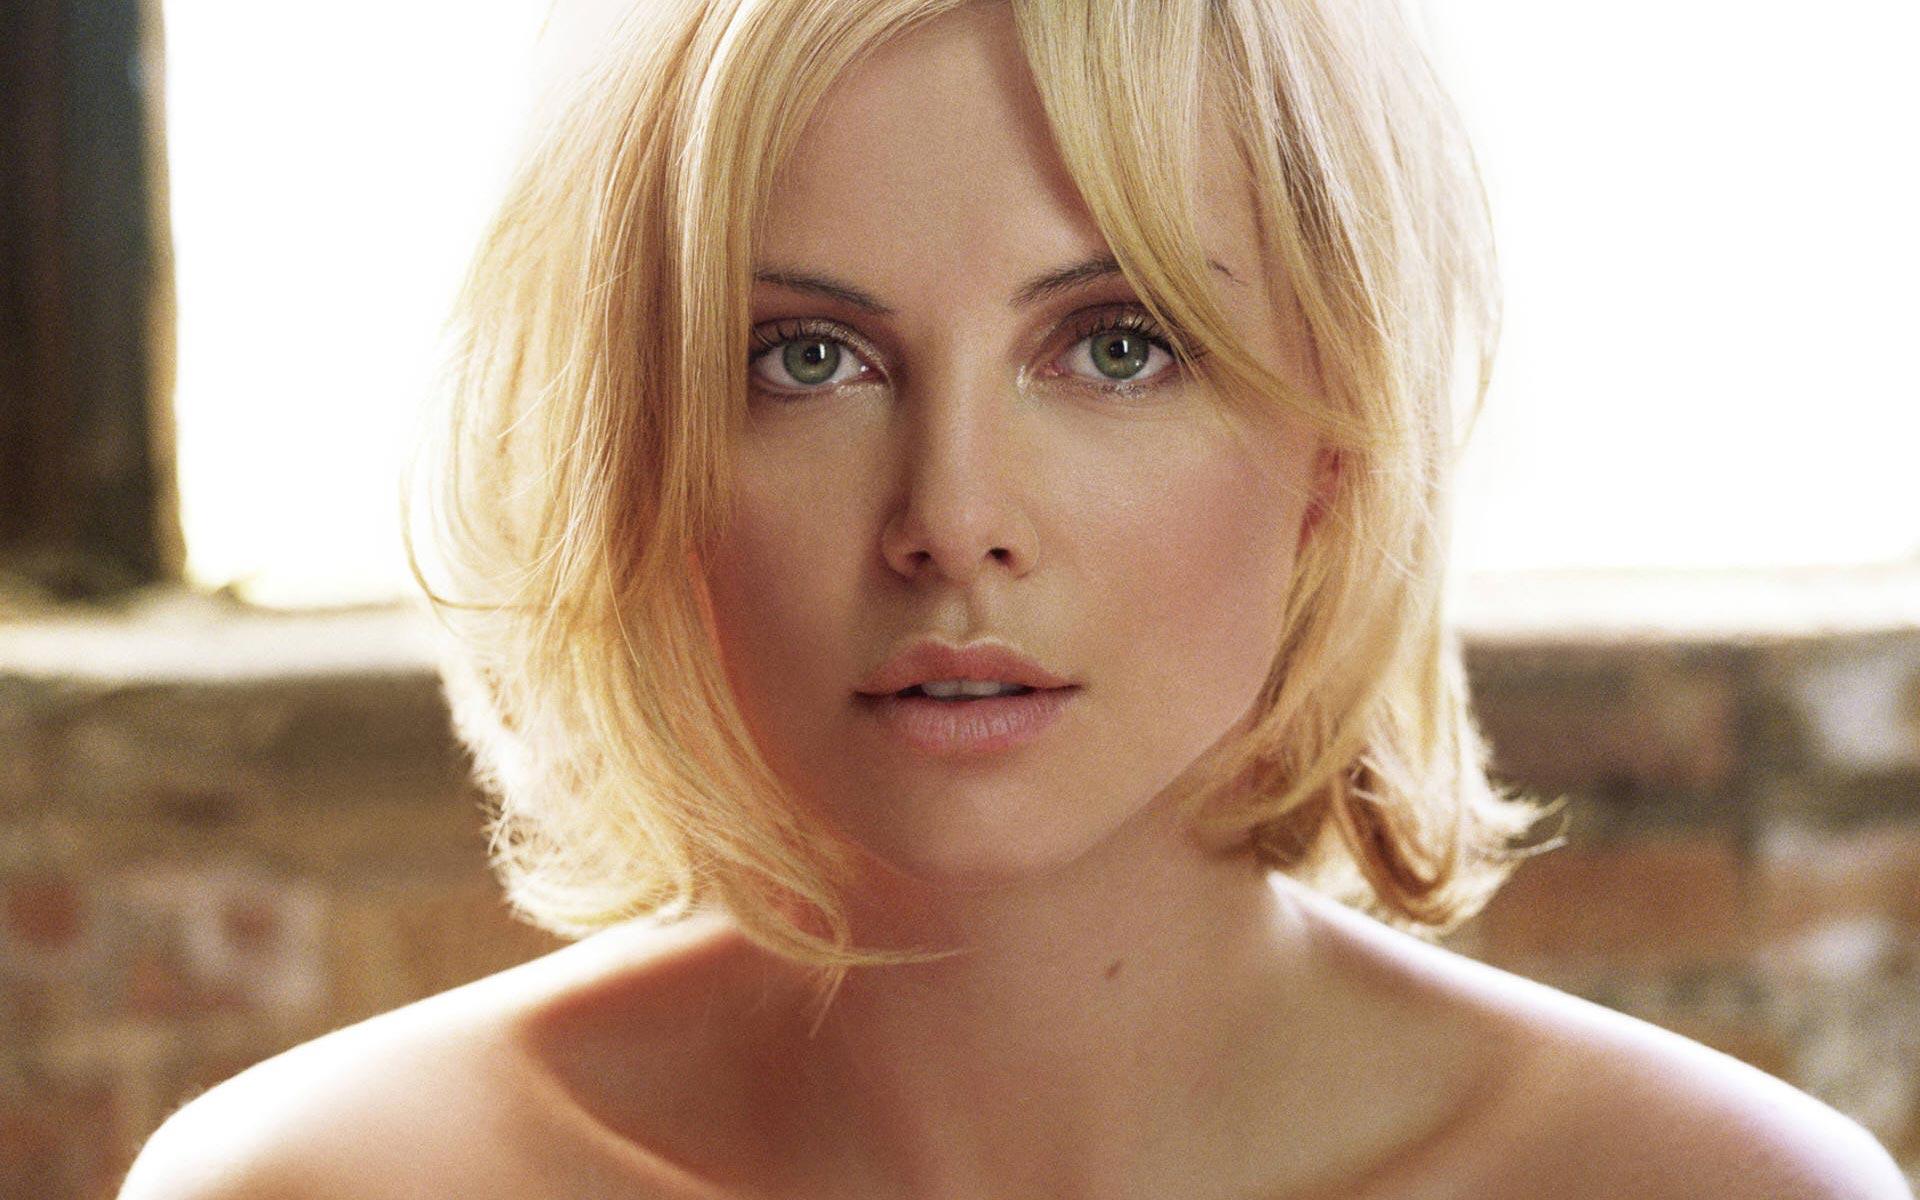 Самая красивая девушка мира 2015, по мнению авторитетного издания — Шарлиз Терон